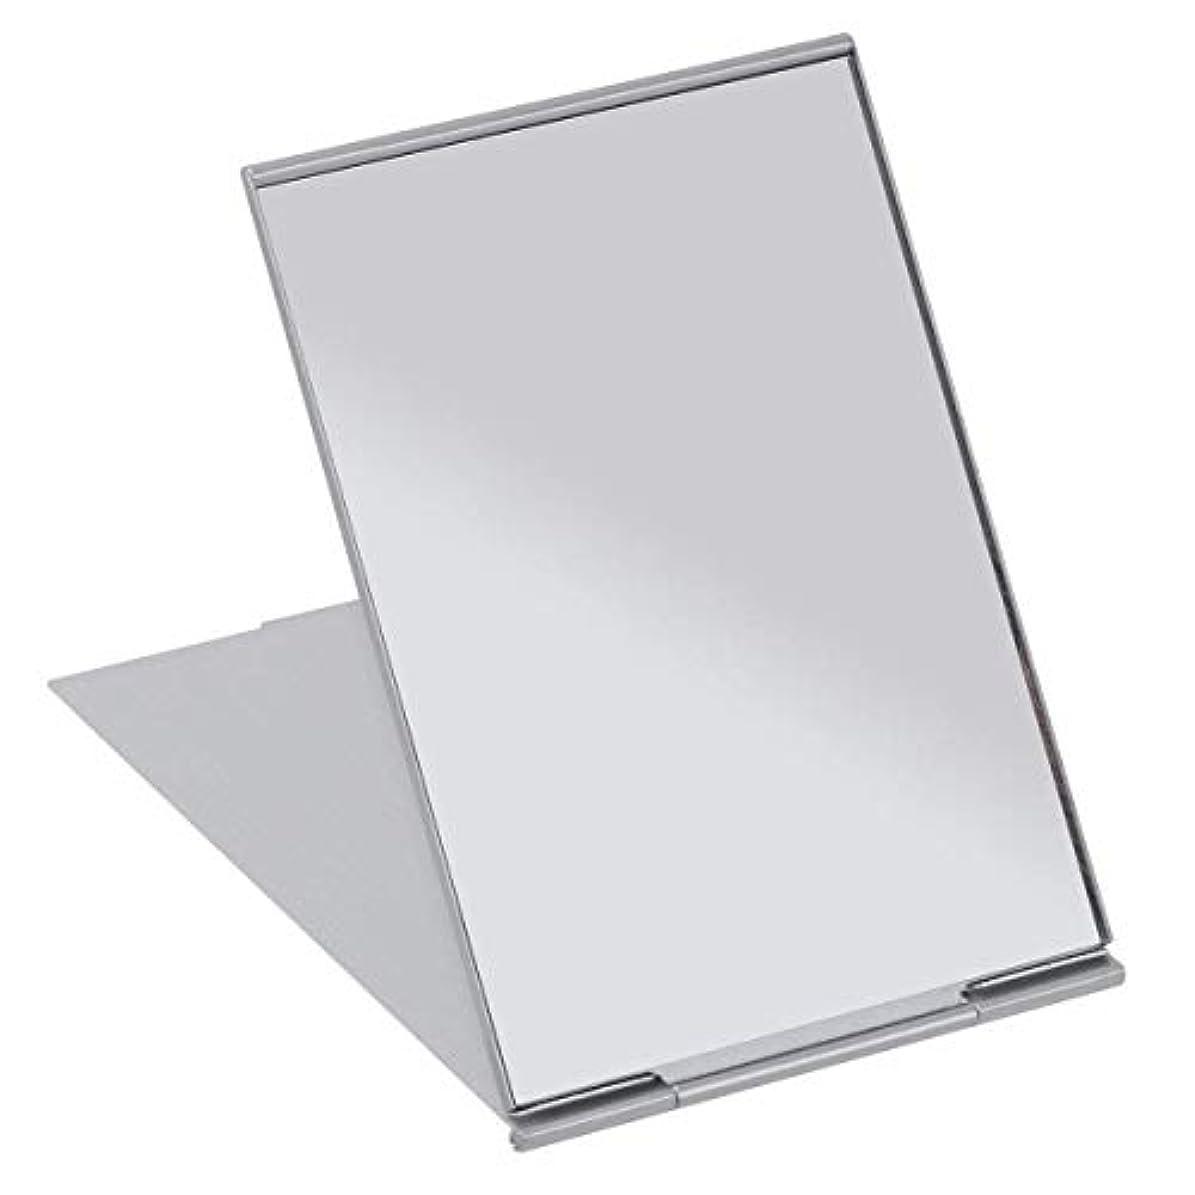 汚染に賛成ペパーミントSALOCY コンパクトミラー モデル折立ミラー 化粧鏡 携帯ミラー 11.5*8cm 持ち運びに便利